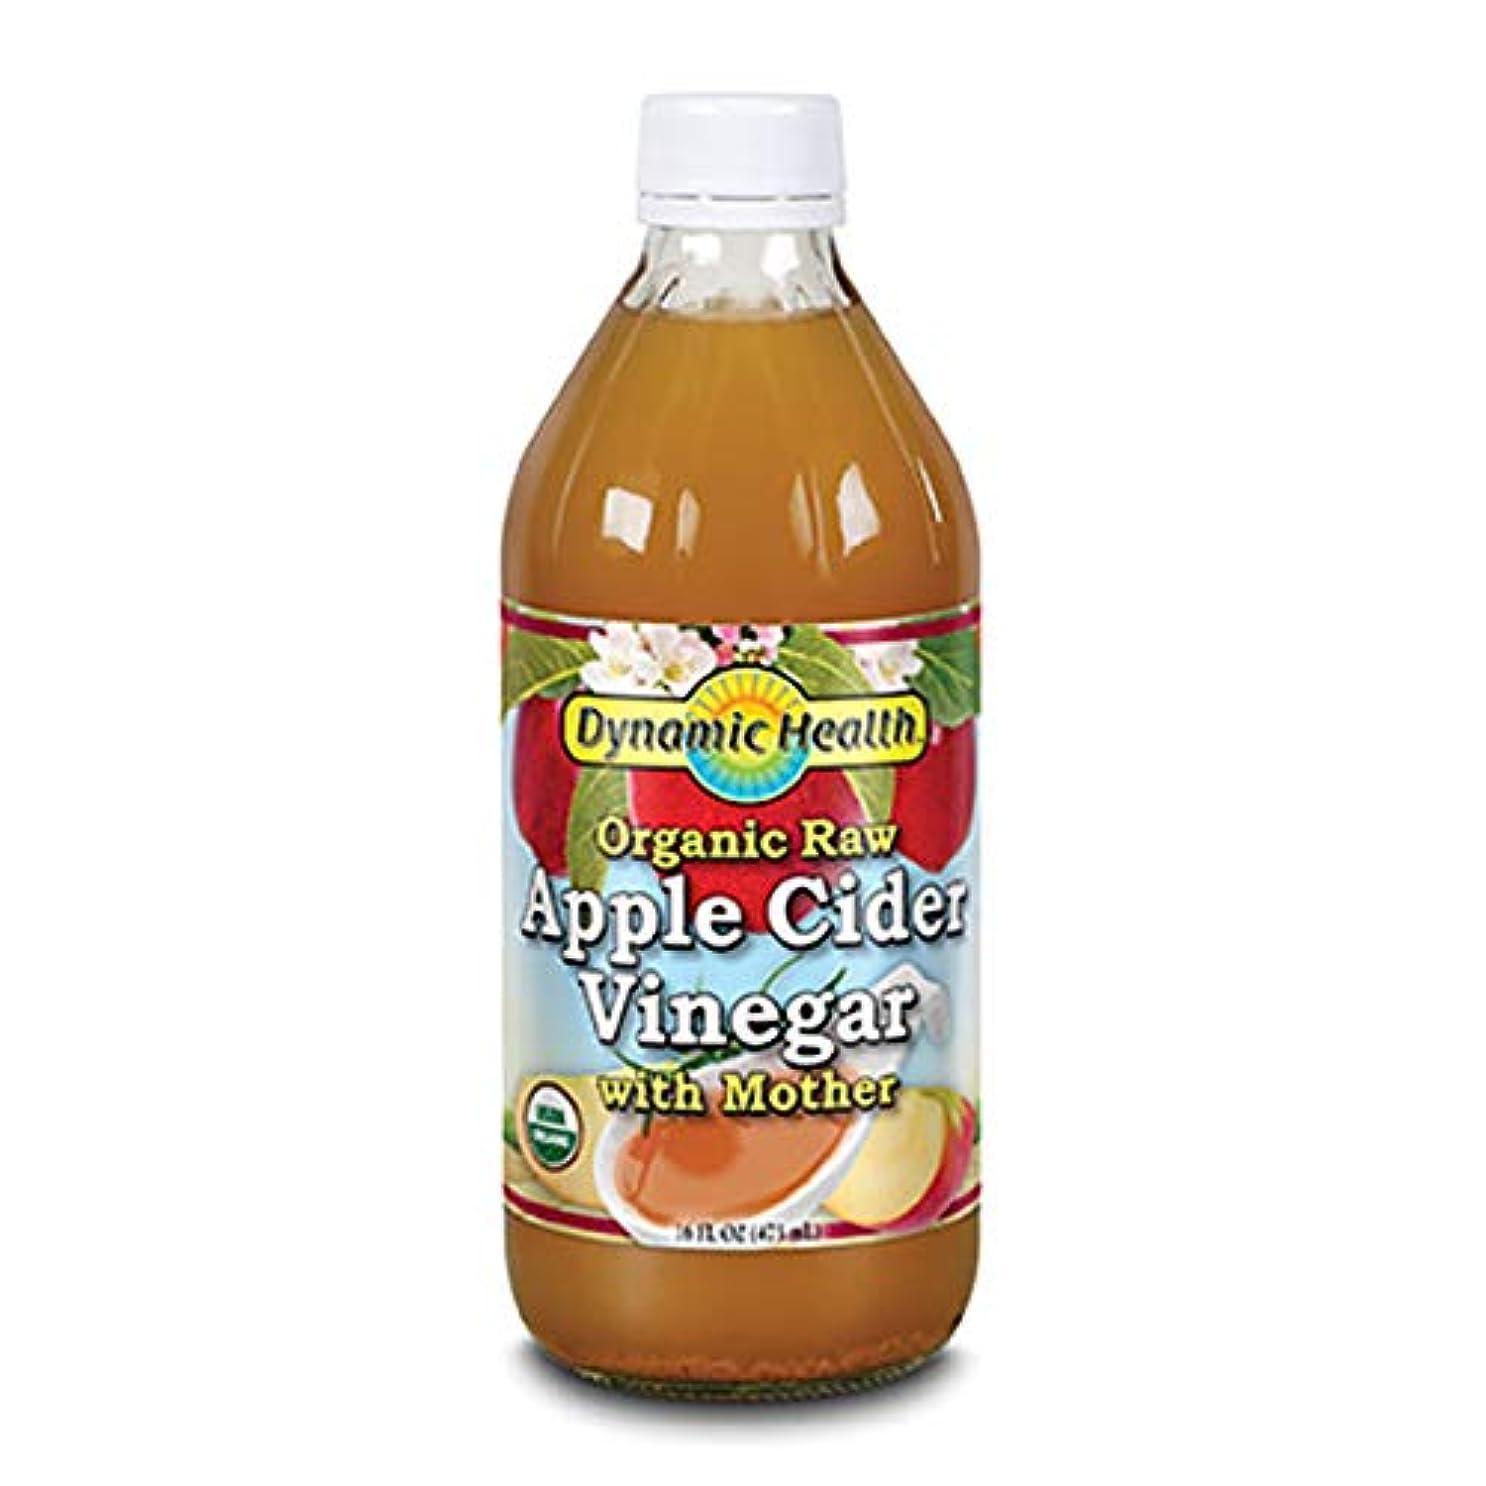 迫害する程度行くDynamic Health Organic Raw Apple Cider Vinegar With Mother  16 oz (473ml) [並行輸入品]